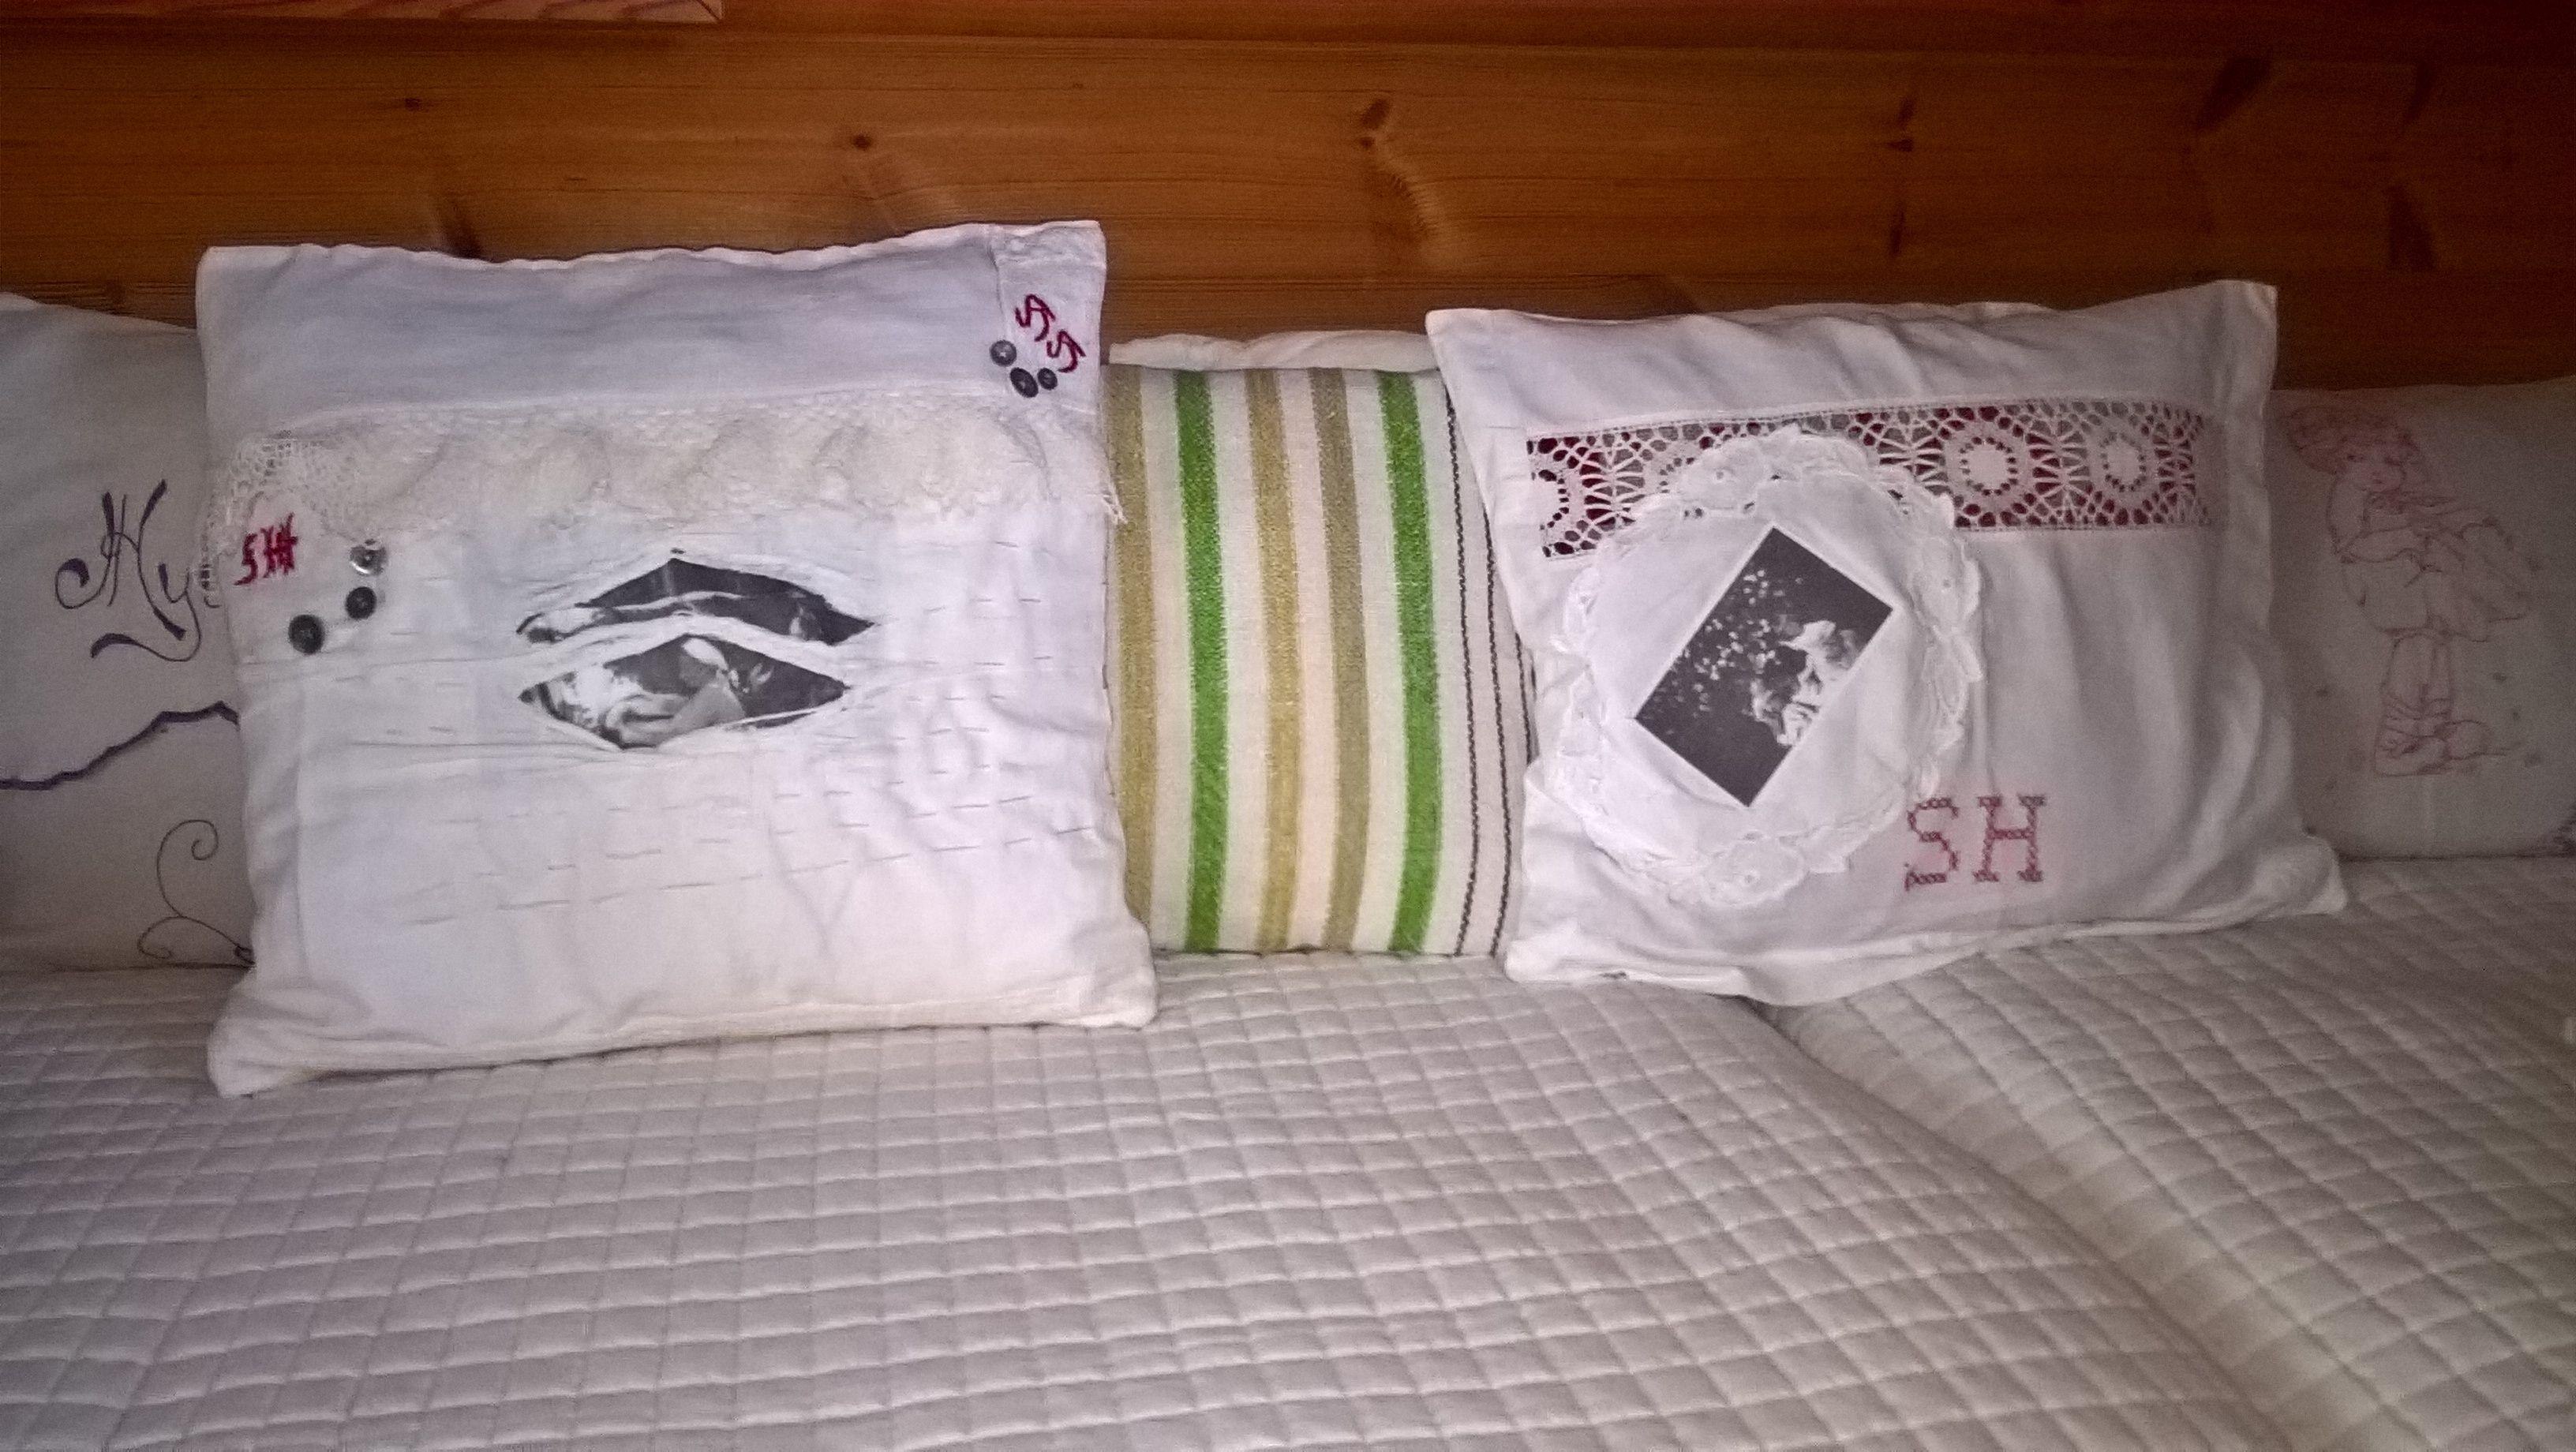 Tyynyjä Siiri-mummo lypsää ja juhannusruusut